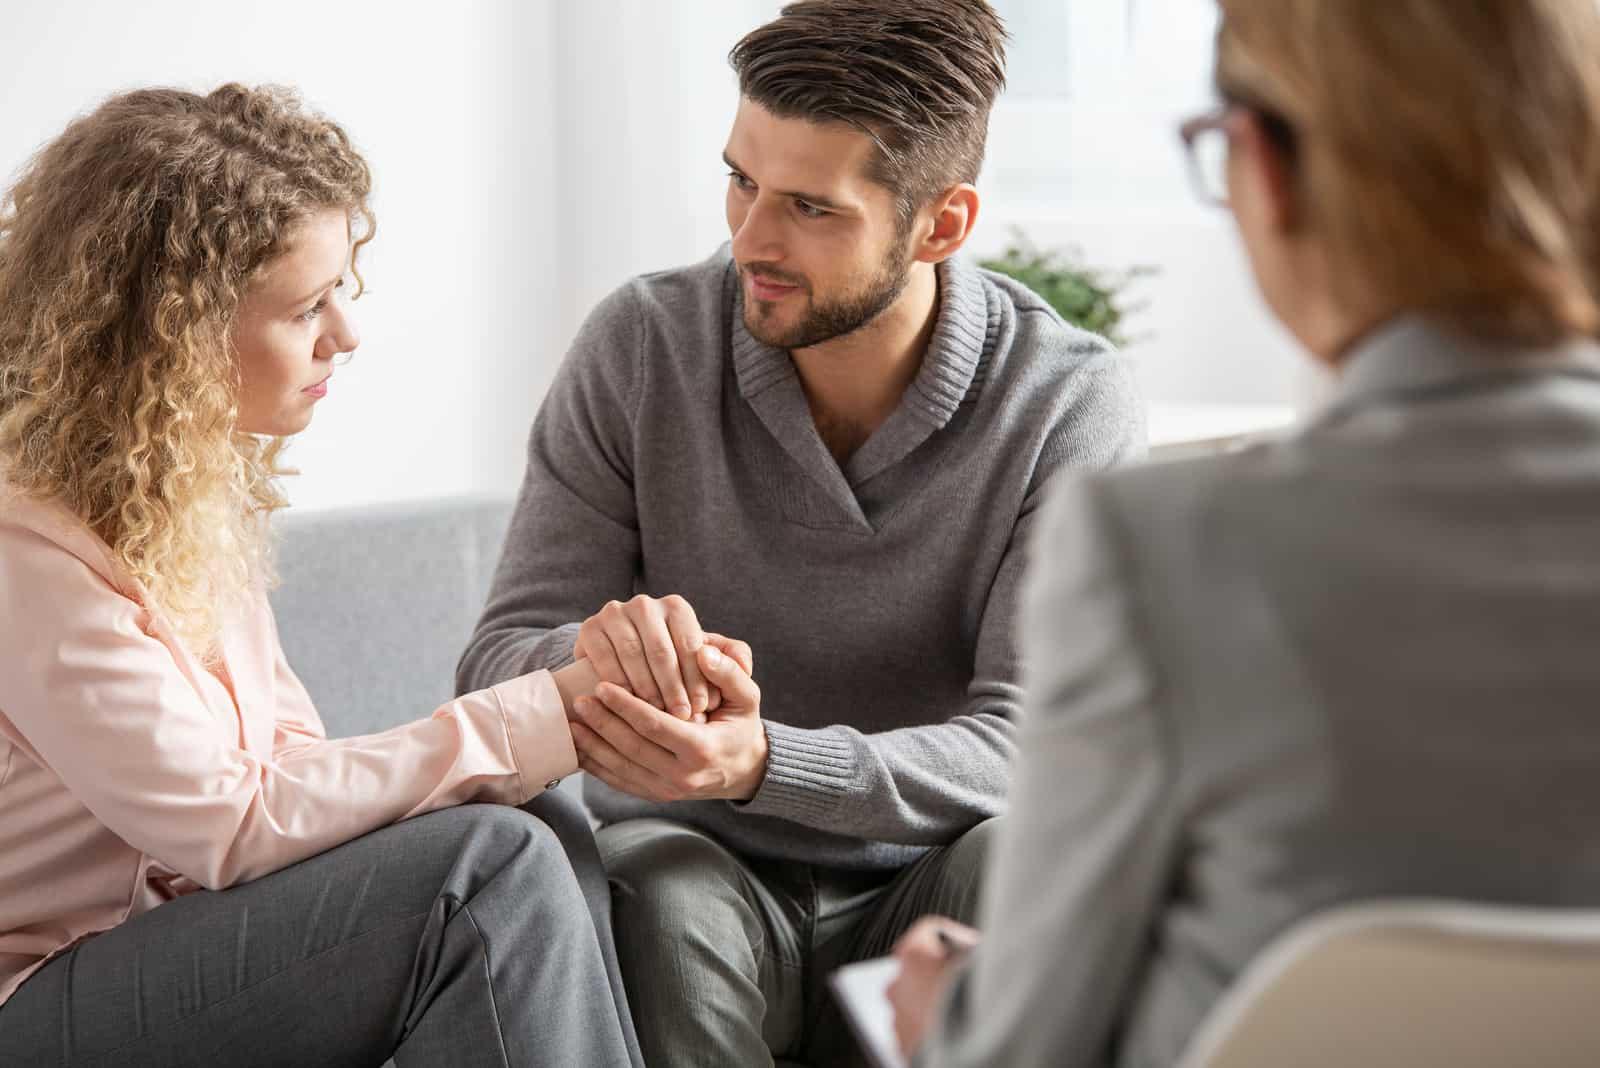 Ein Mann hält die Hand einer Frau, während er mit einem Psychiater spricht